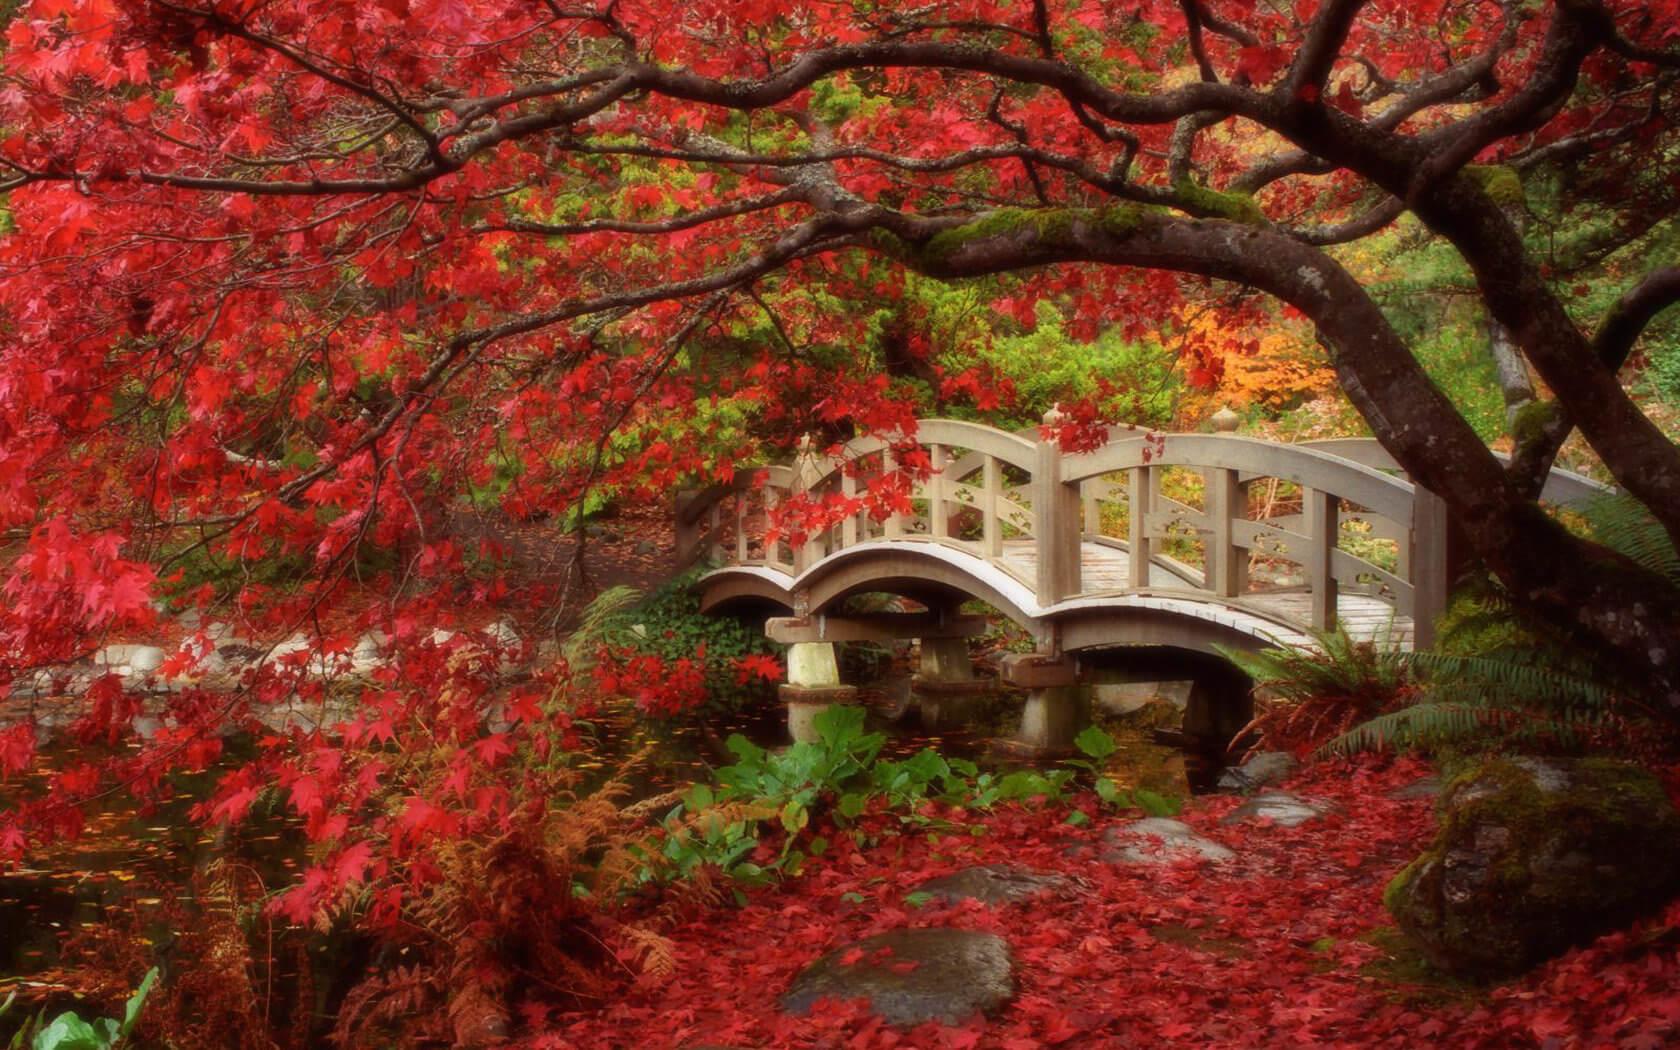 جمال الحديقة اليابانية في اسطنبول